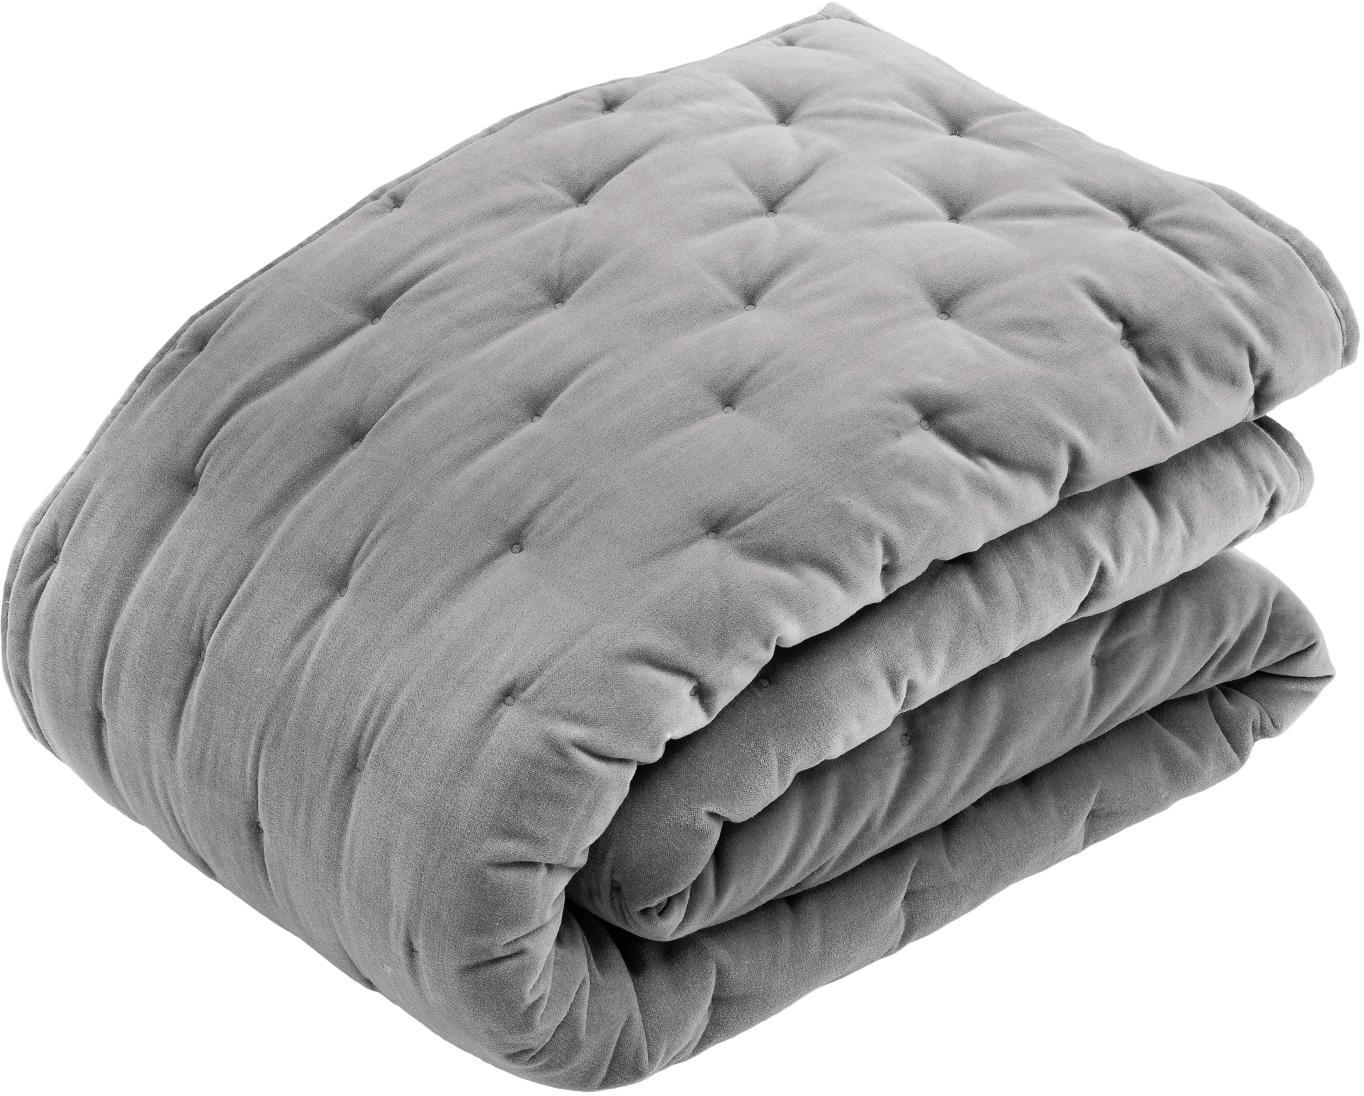 Colcha de terciopelo acolchada Cheryl, 100%algodón, Gris, An 240 x L 250 cm